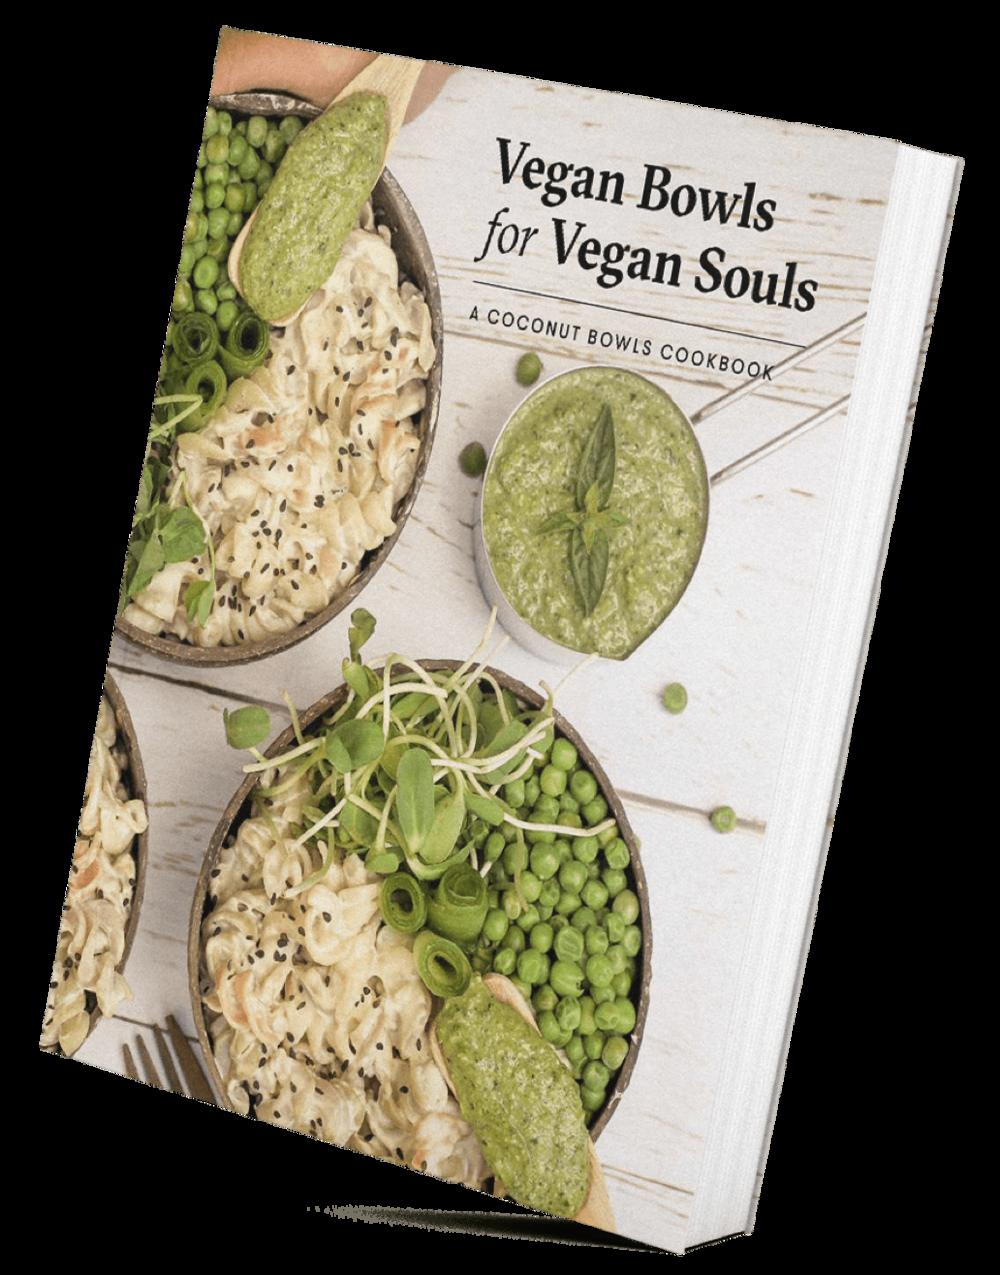 Vegan Bowls For Vegan Souls: Livre de 100 Recettes pour lequel j'ai crée une recette à côté de plein d'autres foodies vegan! utilisez le code 'amelie' ou 'amelietahiti' pour une réduction !  (fonctionne sur le ebook et livre papier)